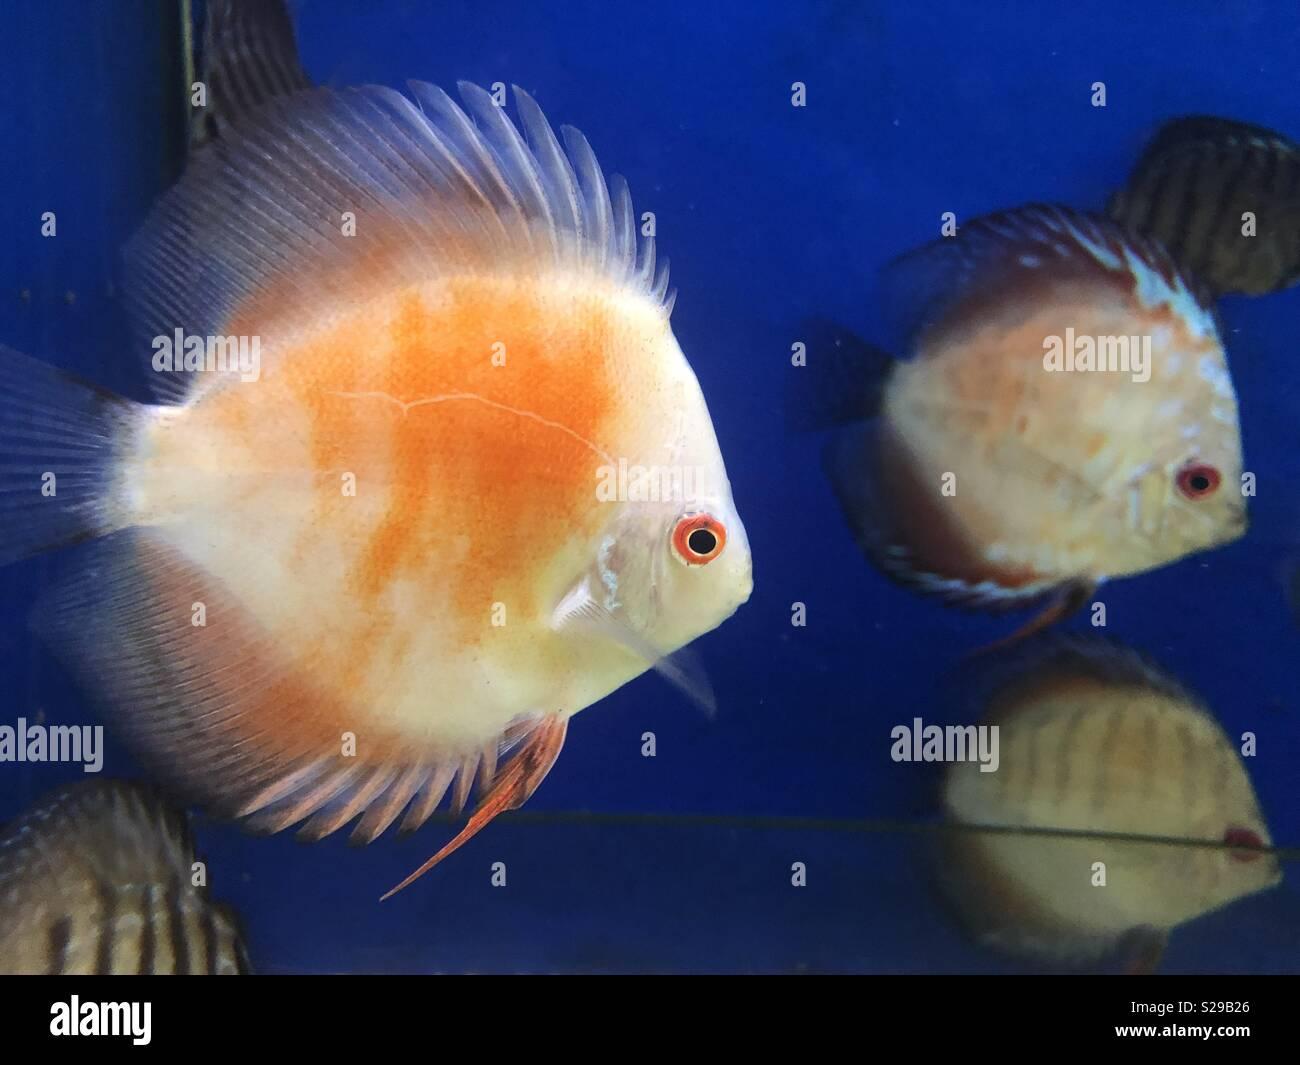 Aquarium view - Stock Image